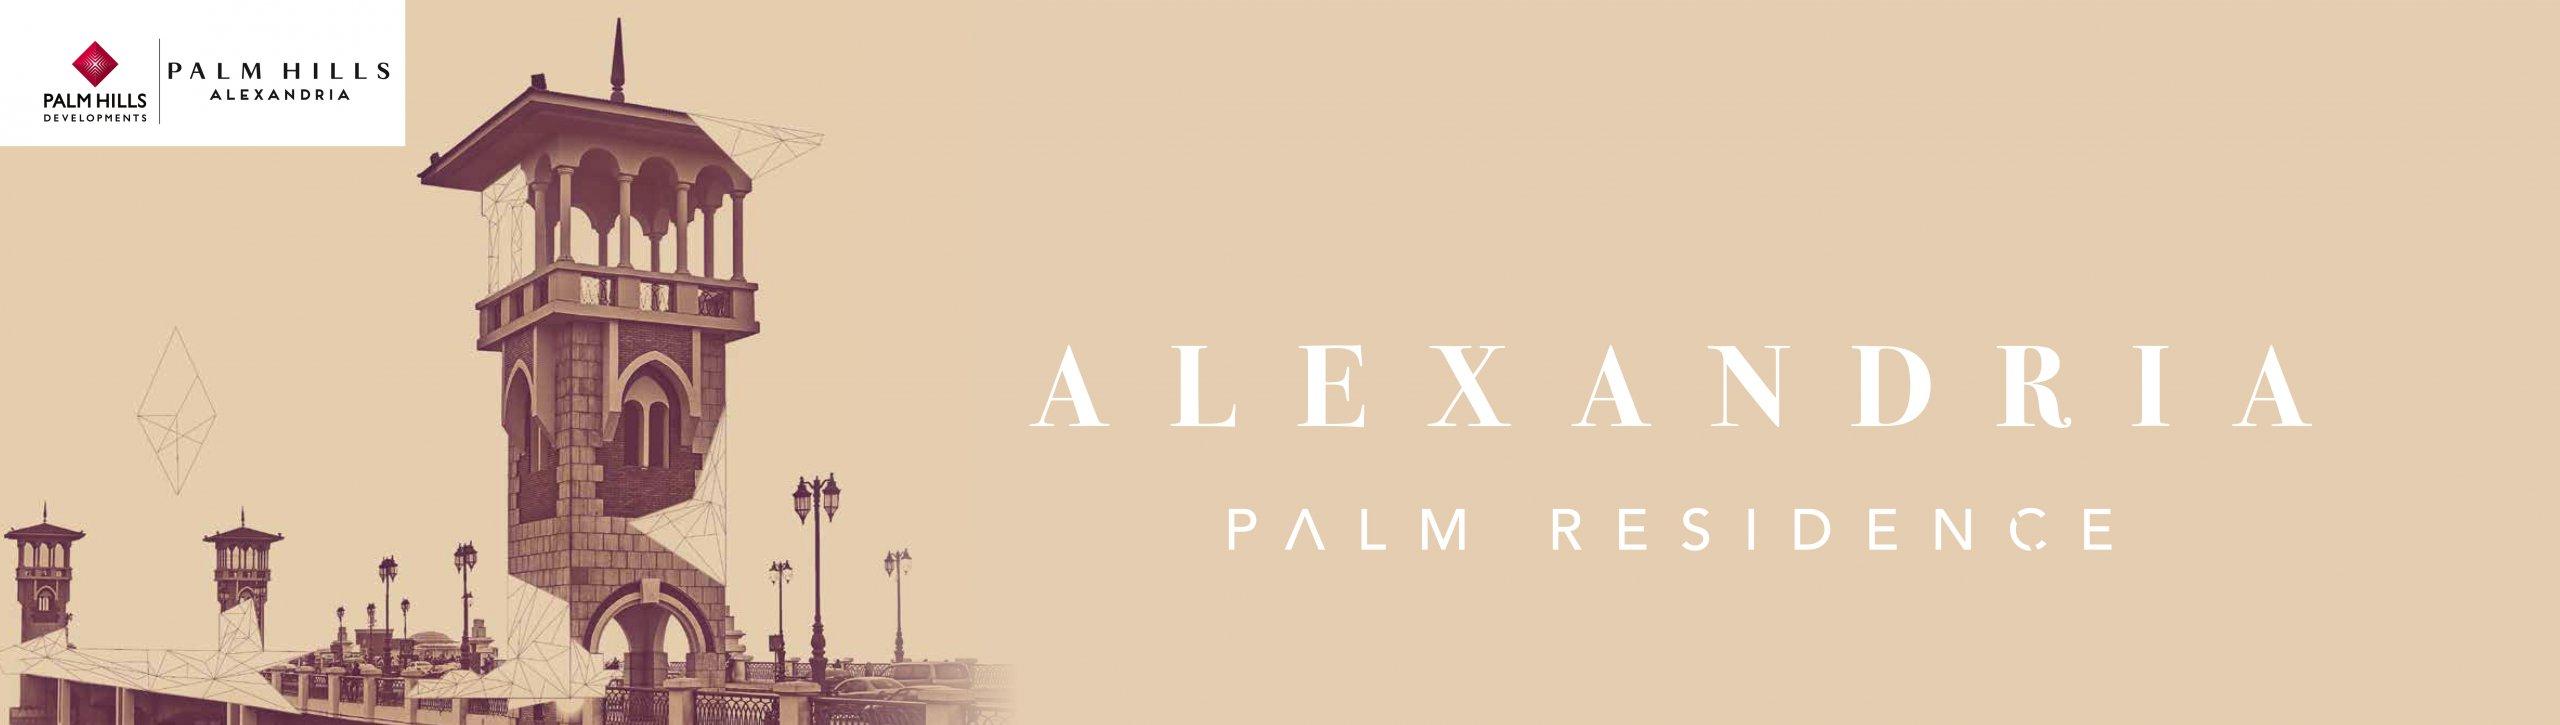 بالم هيلز الاسكندرية Palm Hills Alexandria